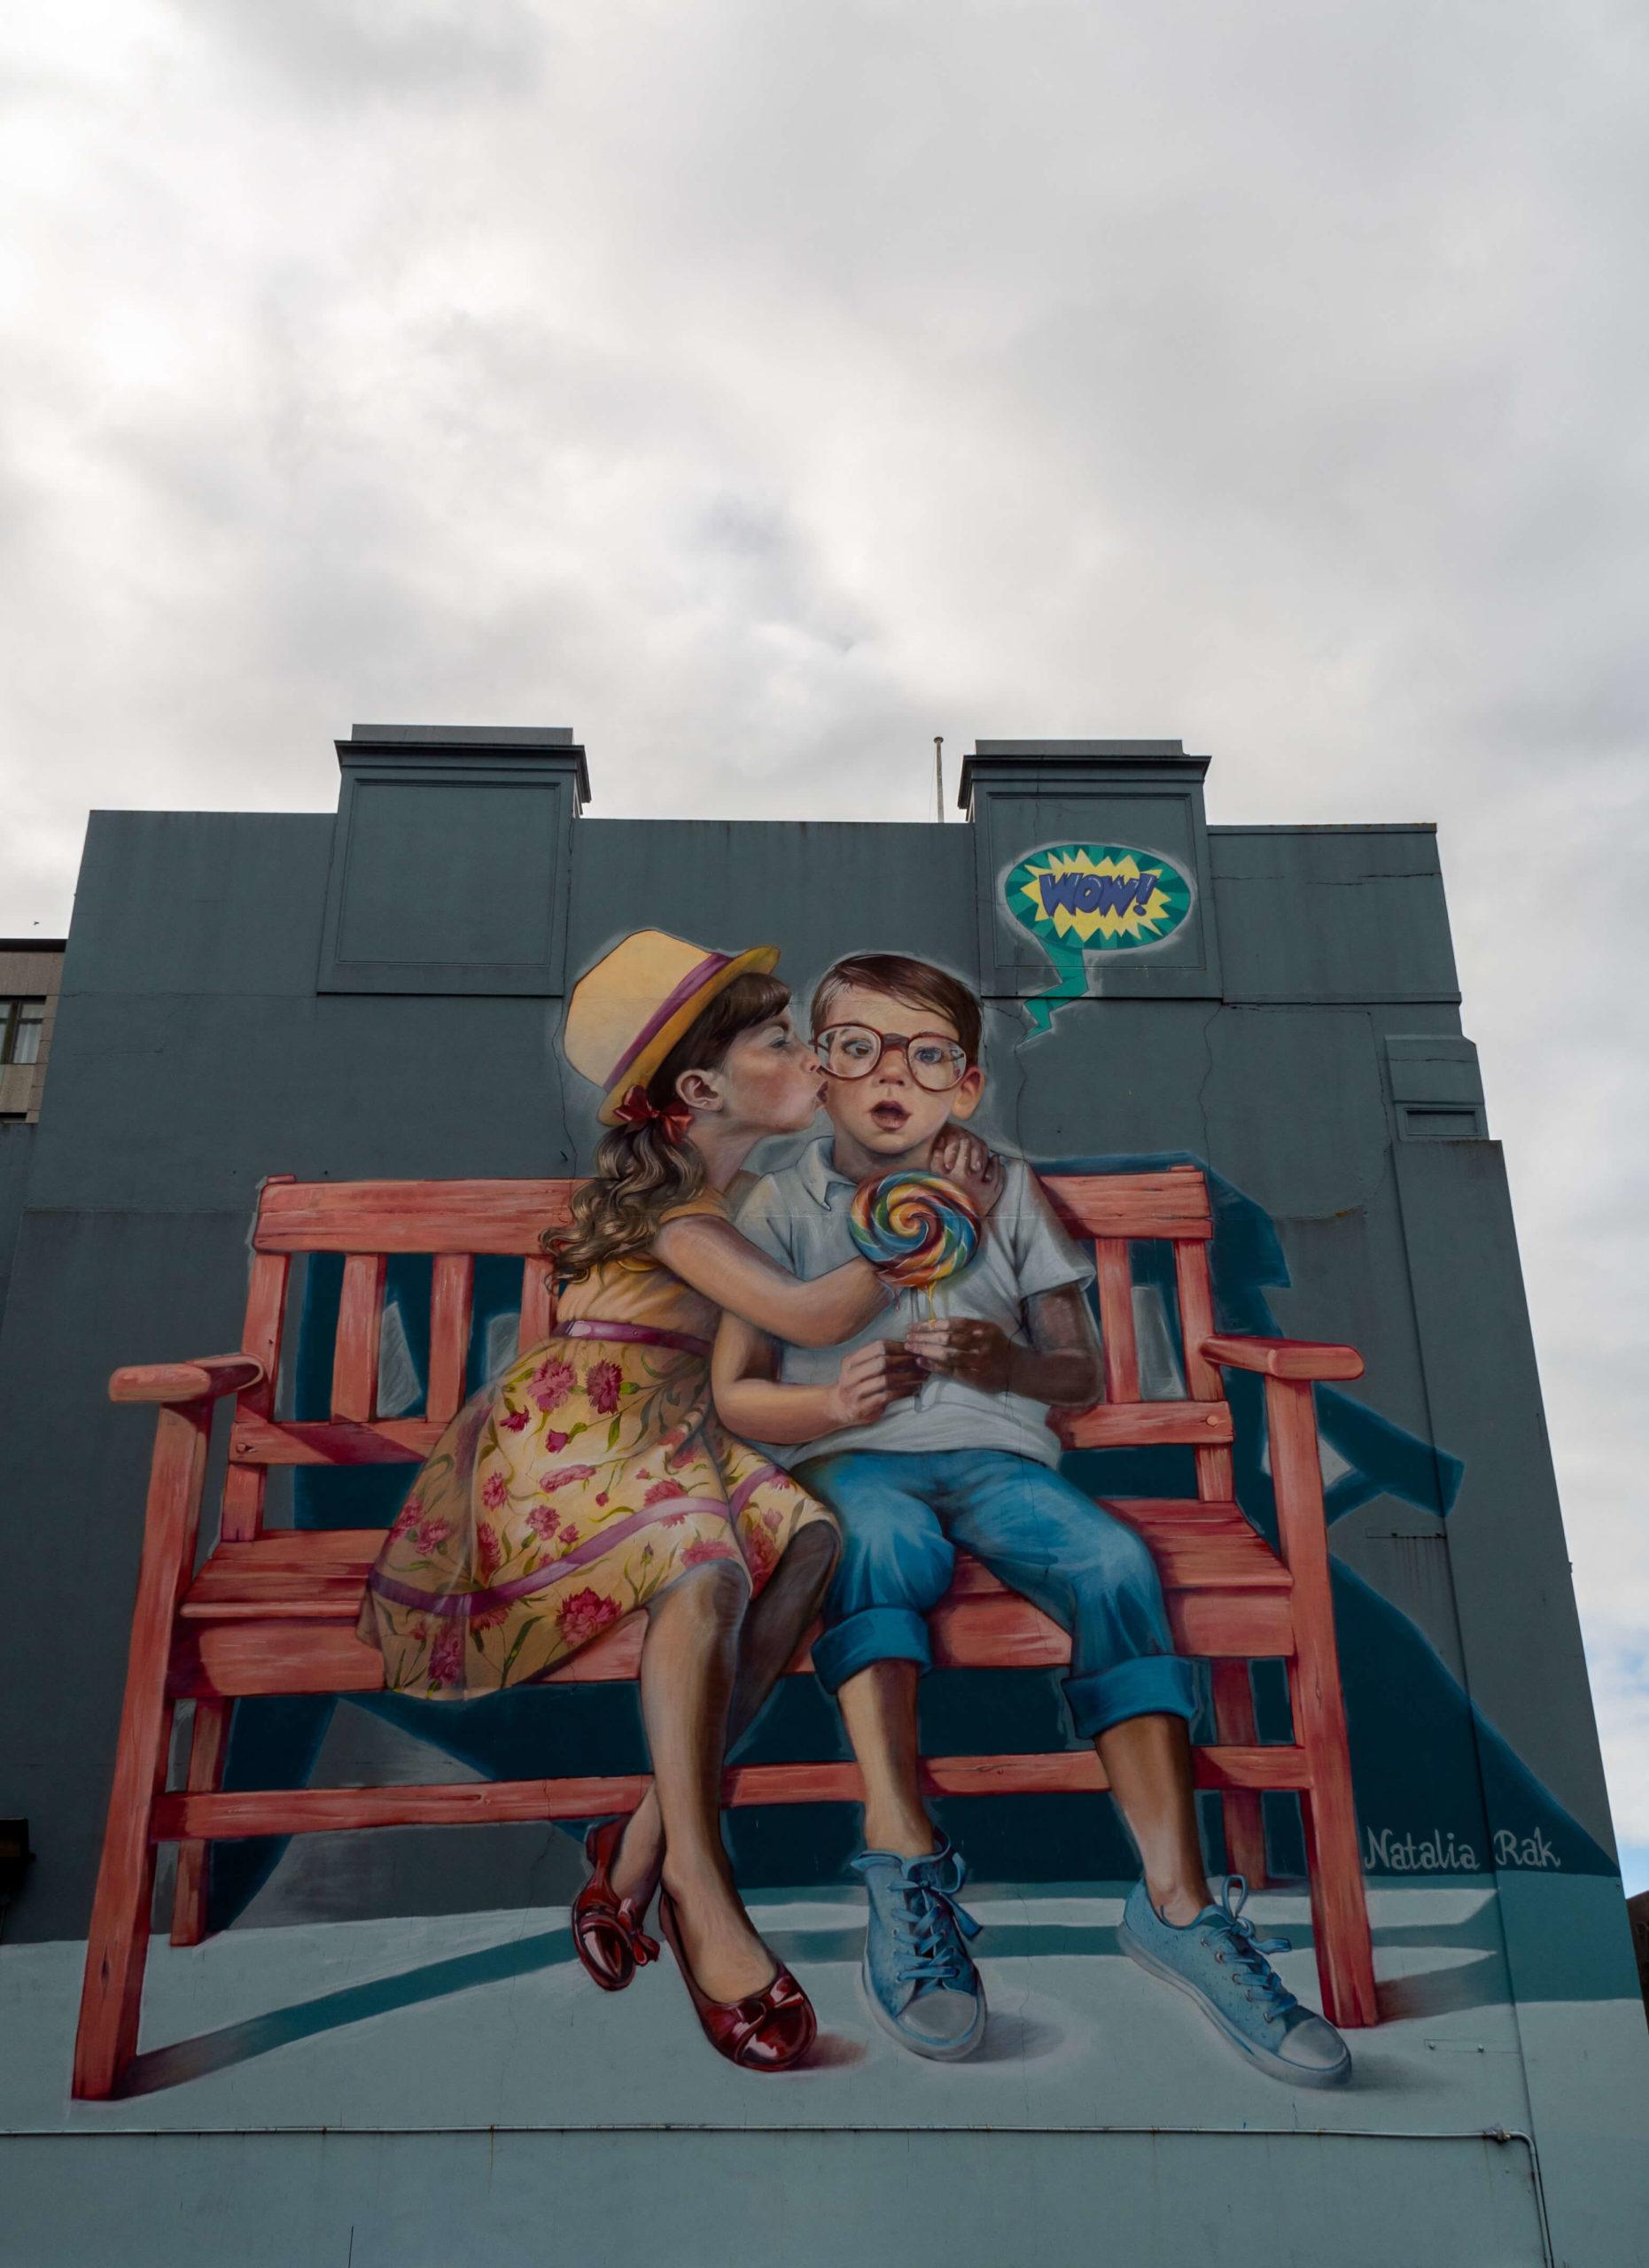 Enfants sur un banc street art trail Dunedin